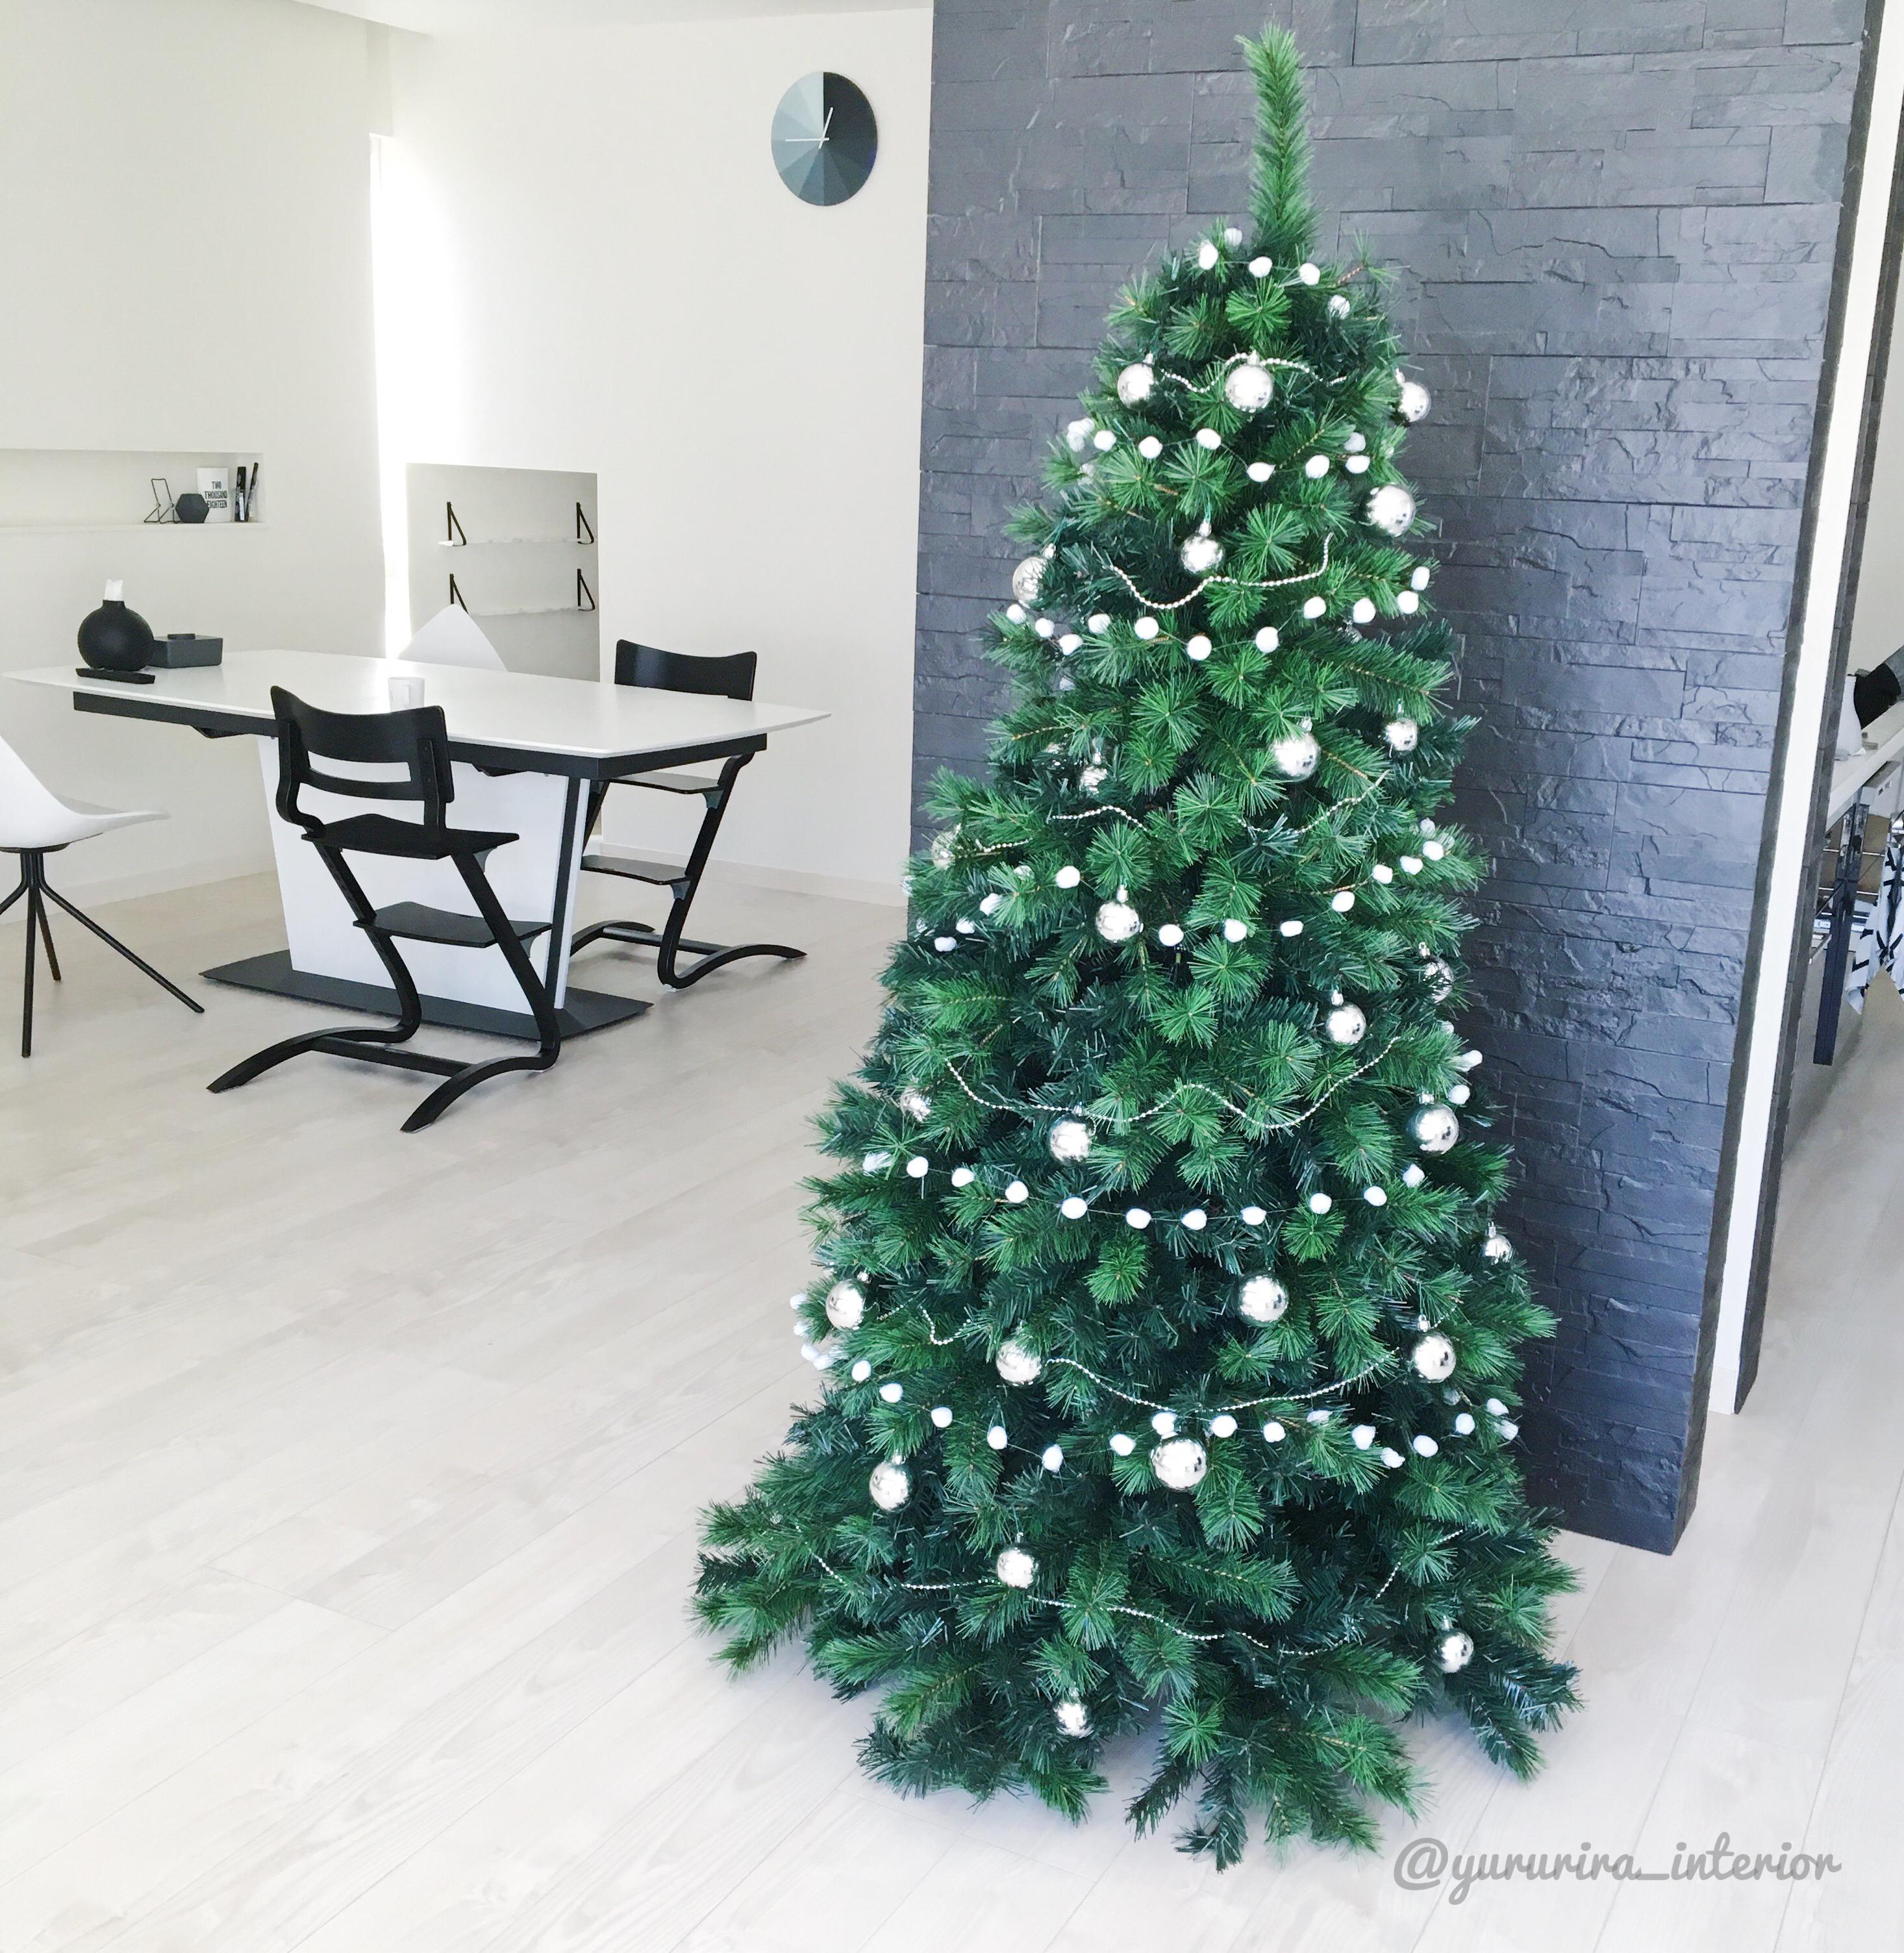 11月始まり!楽天で買ったリアルなツリーとIKEAでクリスマス準備♪